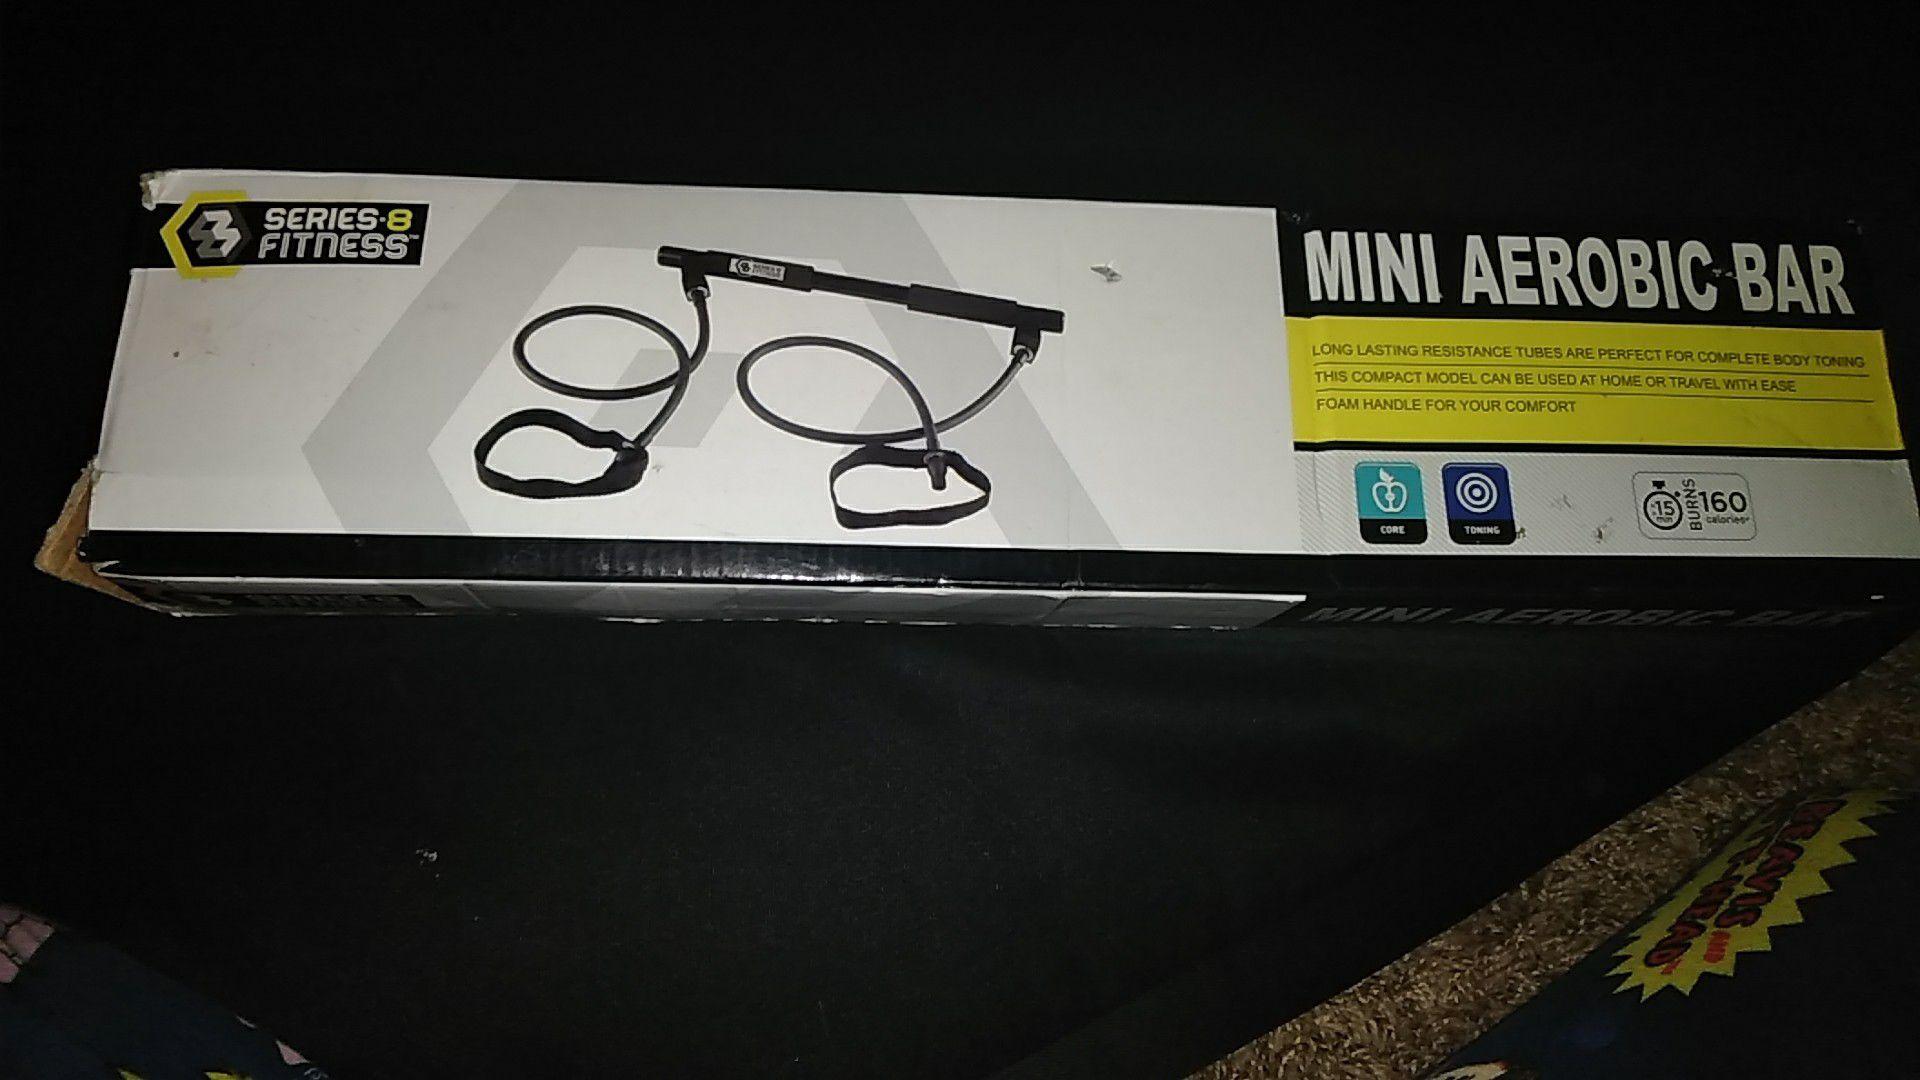 Mini Aerobic bar new in box